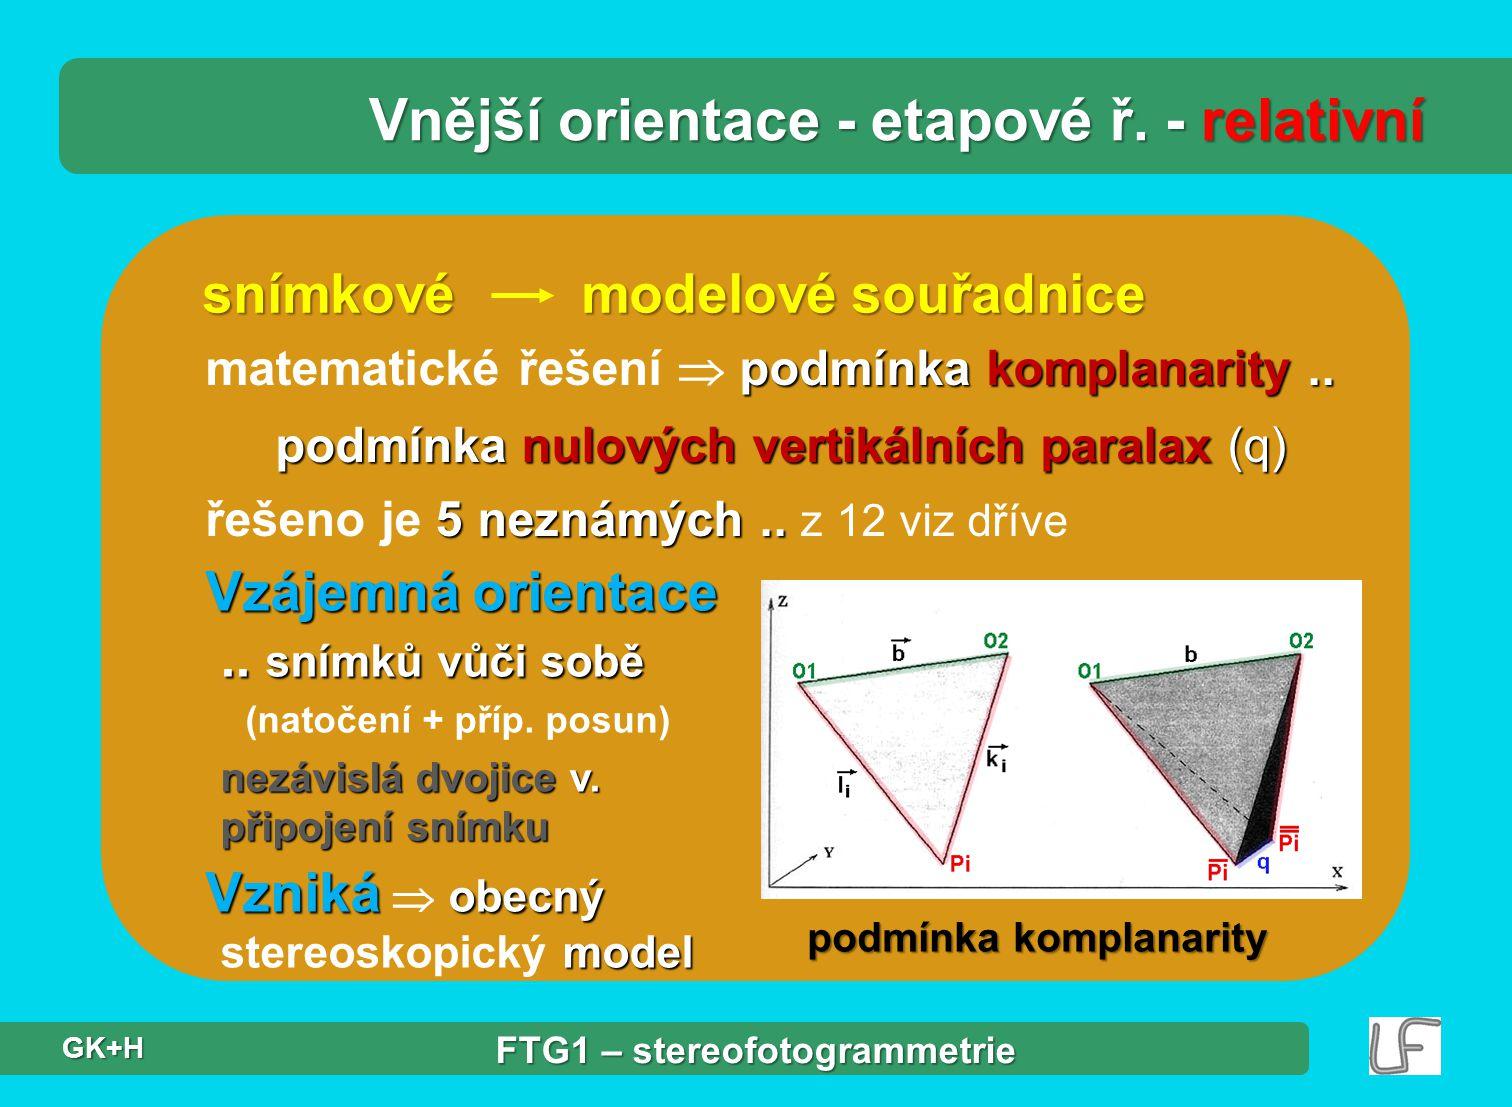 snímkové modelové souřadnice podmínka komplanarity.. matematické řešení  podmínka komplanarity.. podmínka nulových vertikálních paralax (q) 5 neznámý